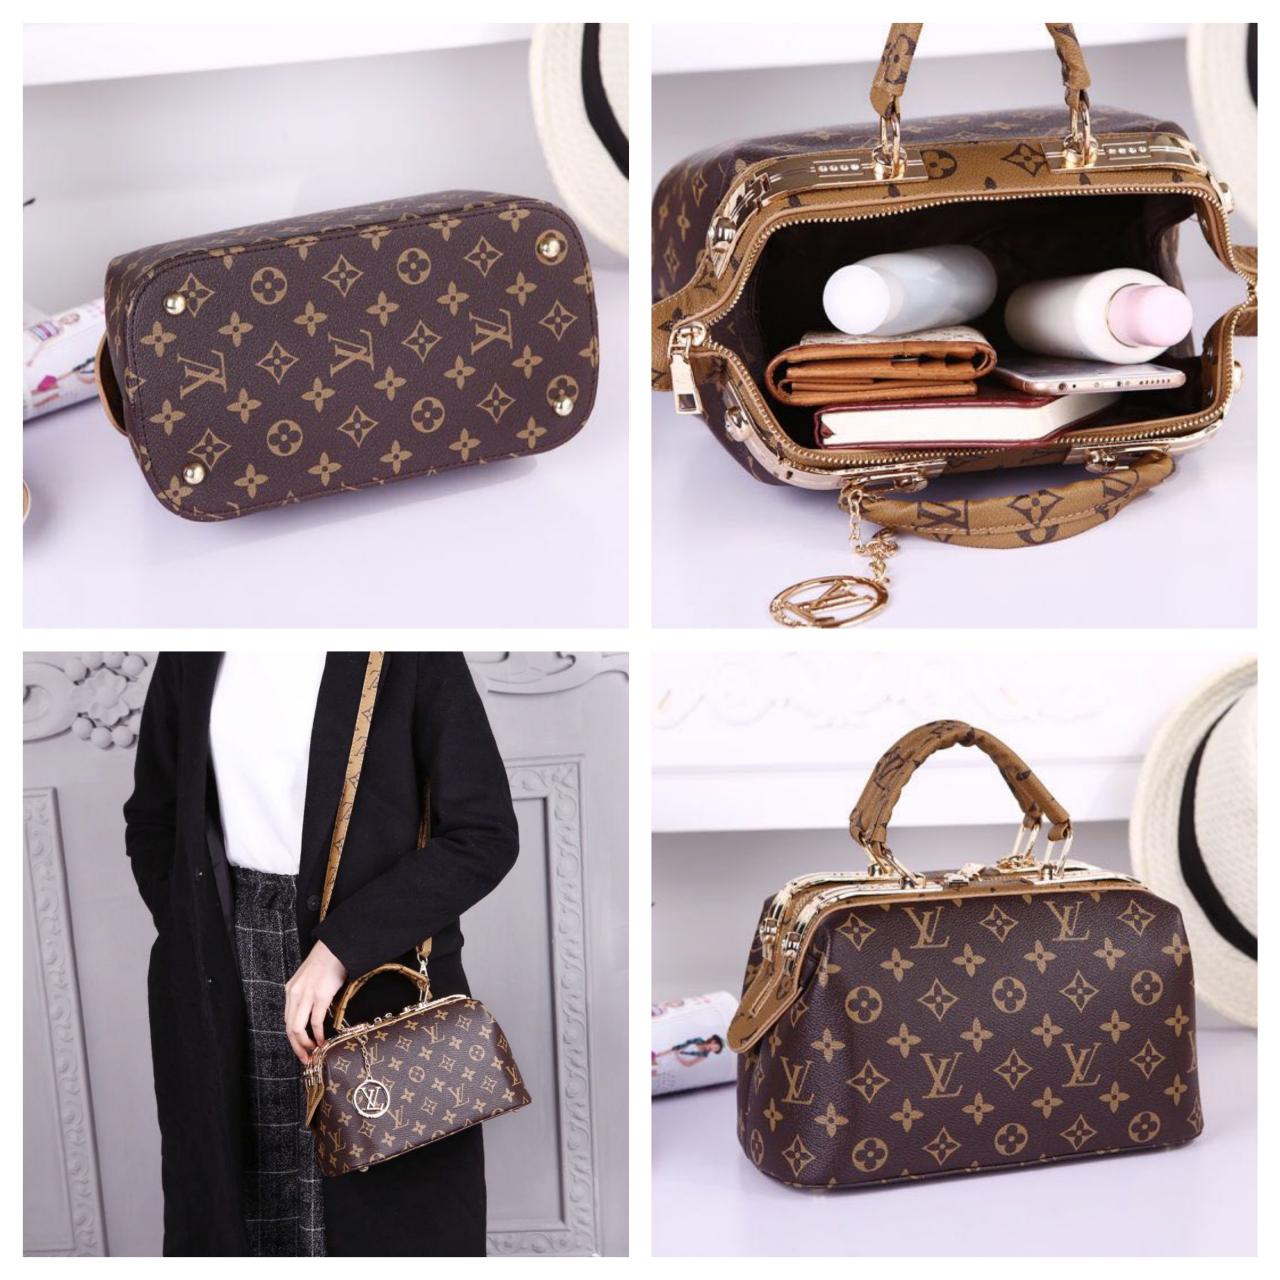 Tas Import Doctor Bag Dv2117lv Set 2 In 1 Semi Premium Selempang Wanita Manggo Bags Toko Online